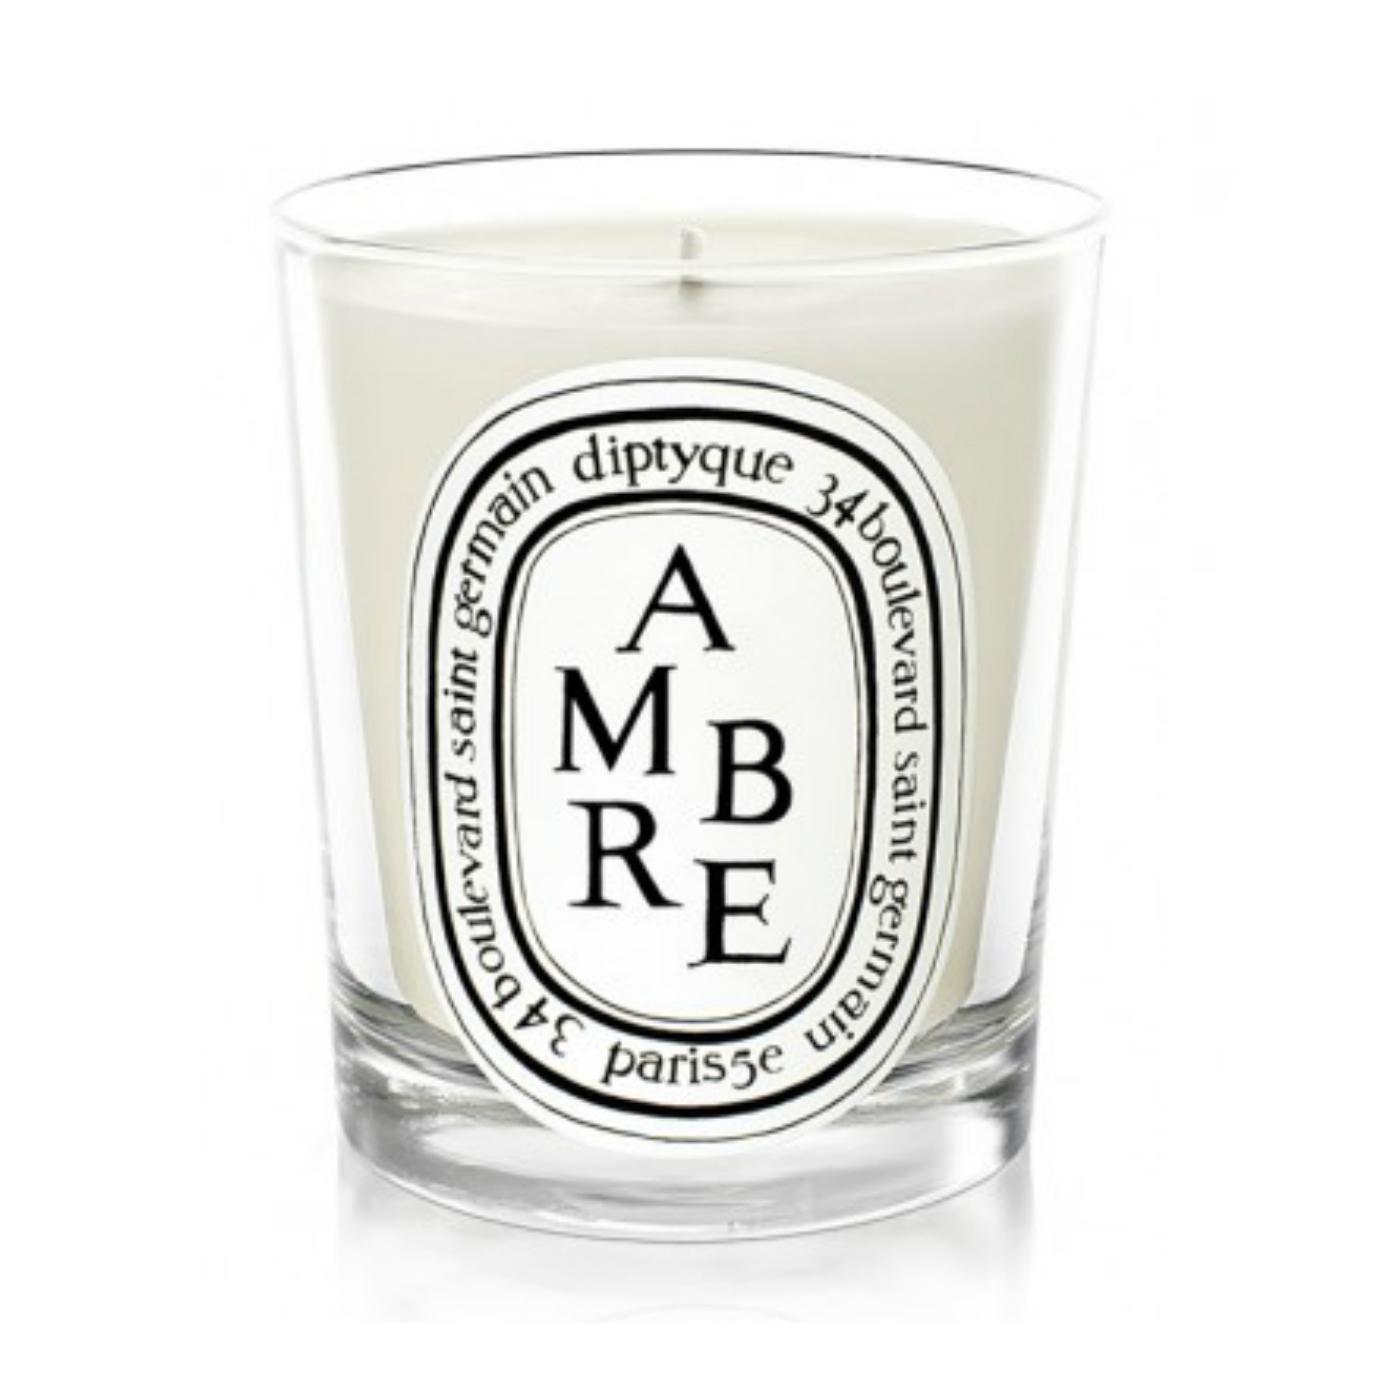 Dyptique  Sin duda, unas de las velas más extraordinarias al mundo. Al 34 de Saint Germain en París Diptyque tiene su santuario: todos los perfumes son ricos, pero las de Rosas y Patchouli son mis preferidas.   www.diptyqueparis.com